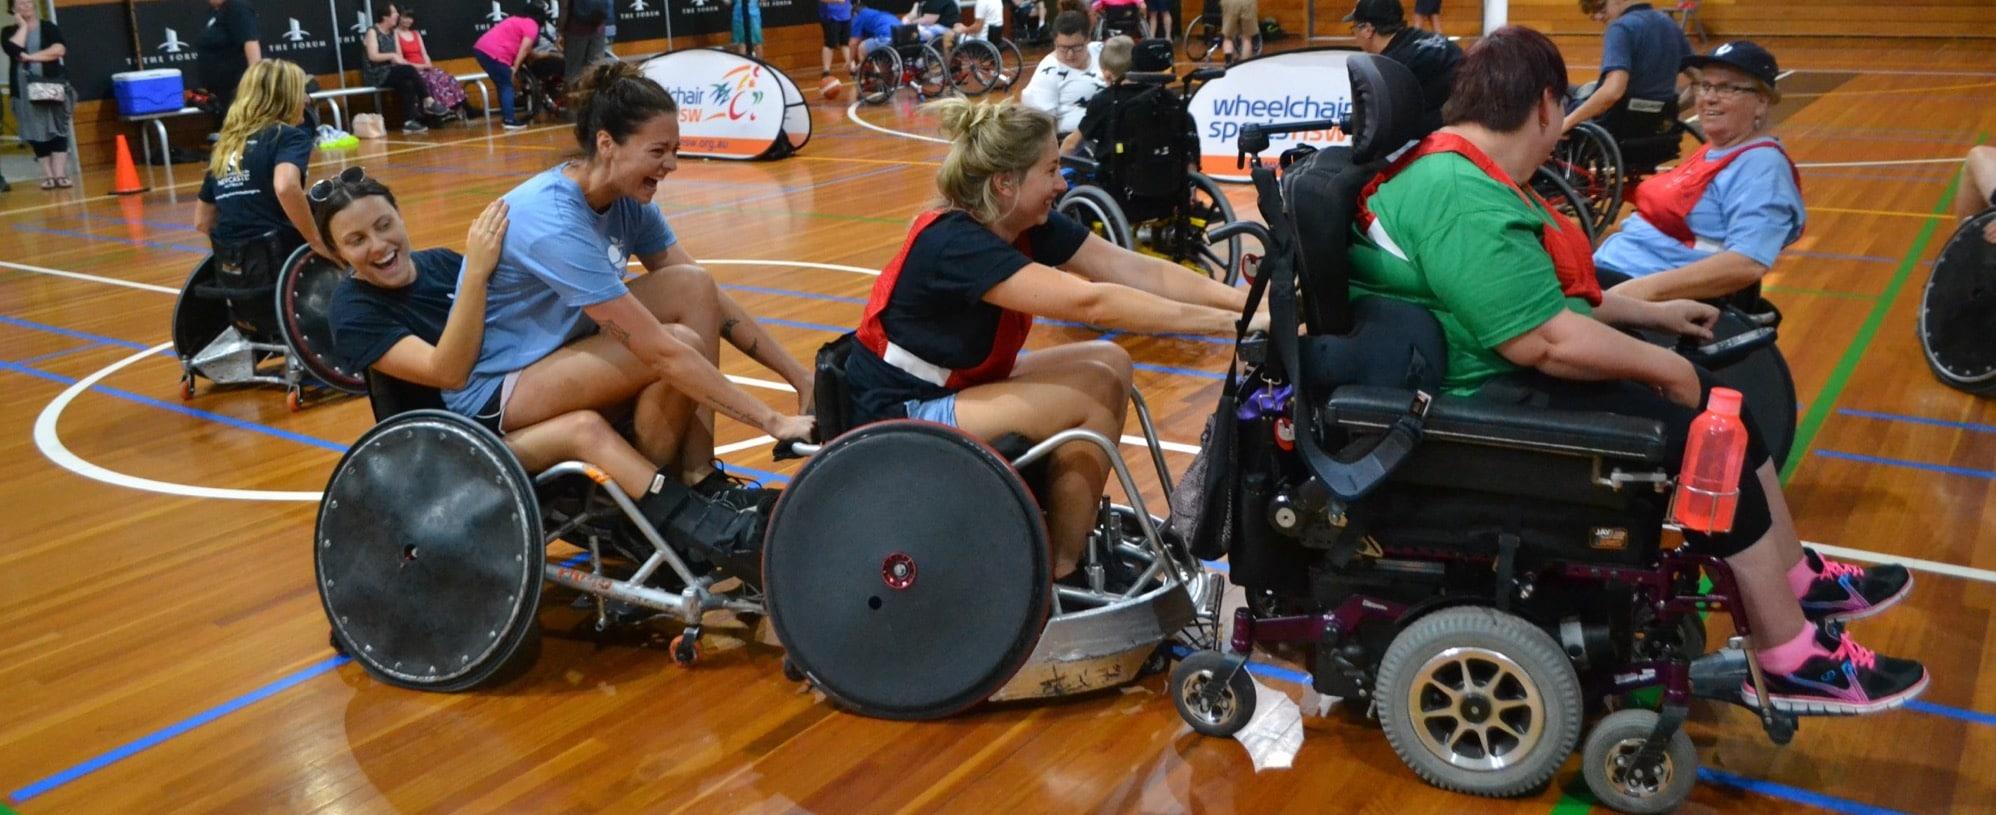 people-having fun in wheelchairs